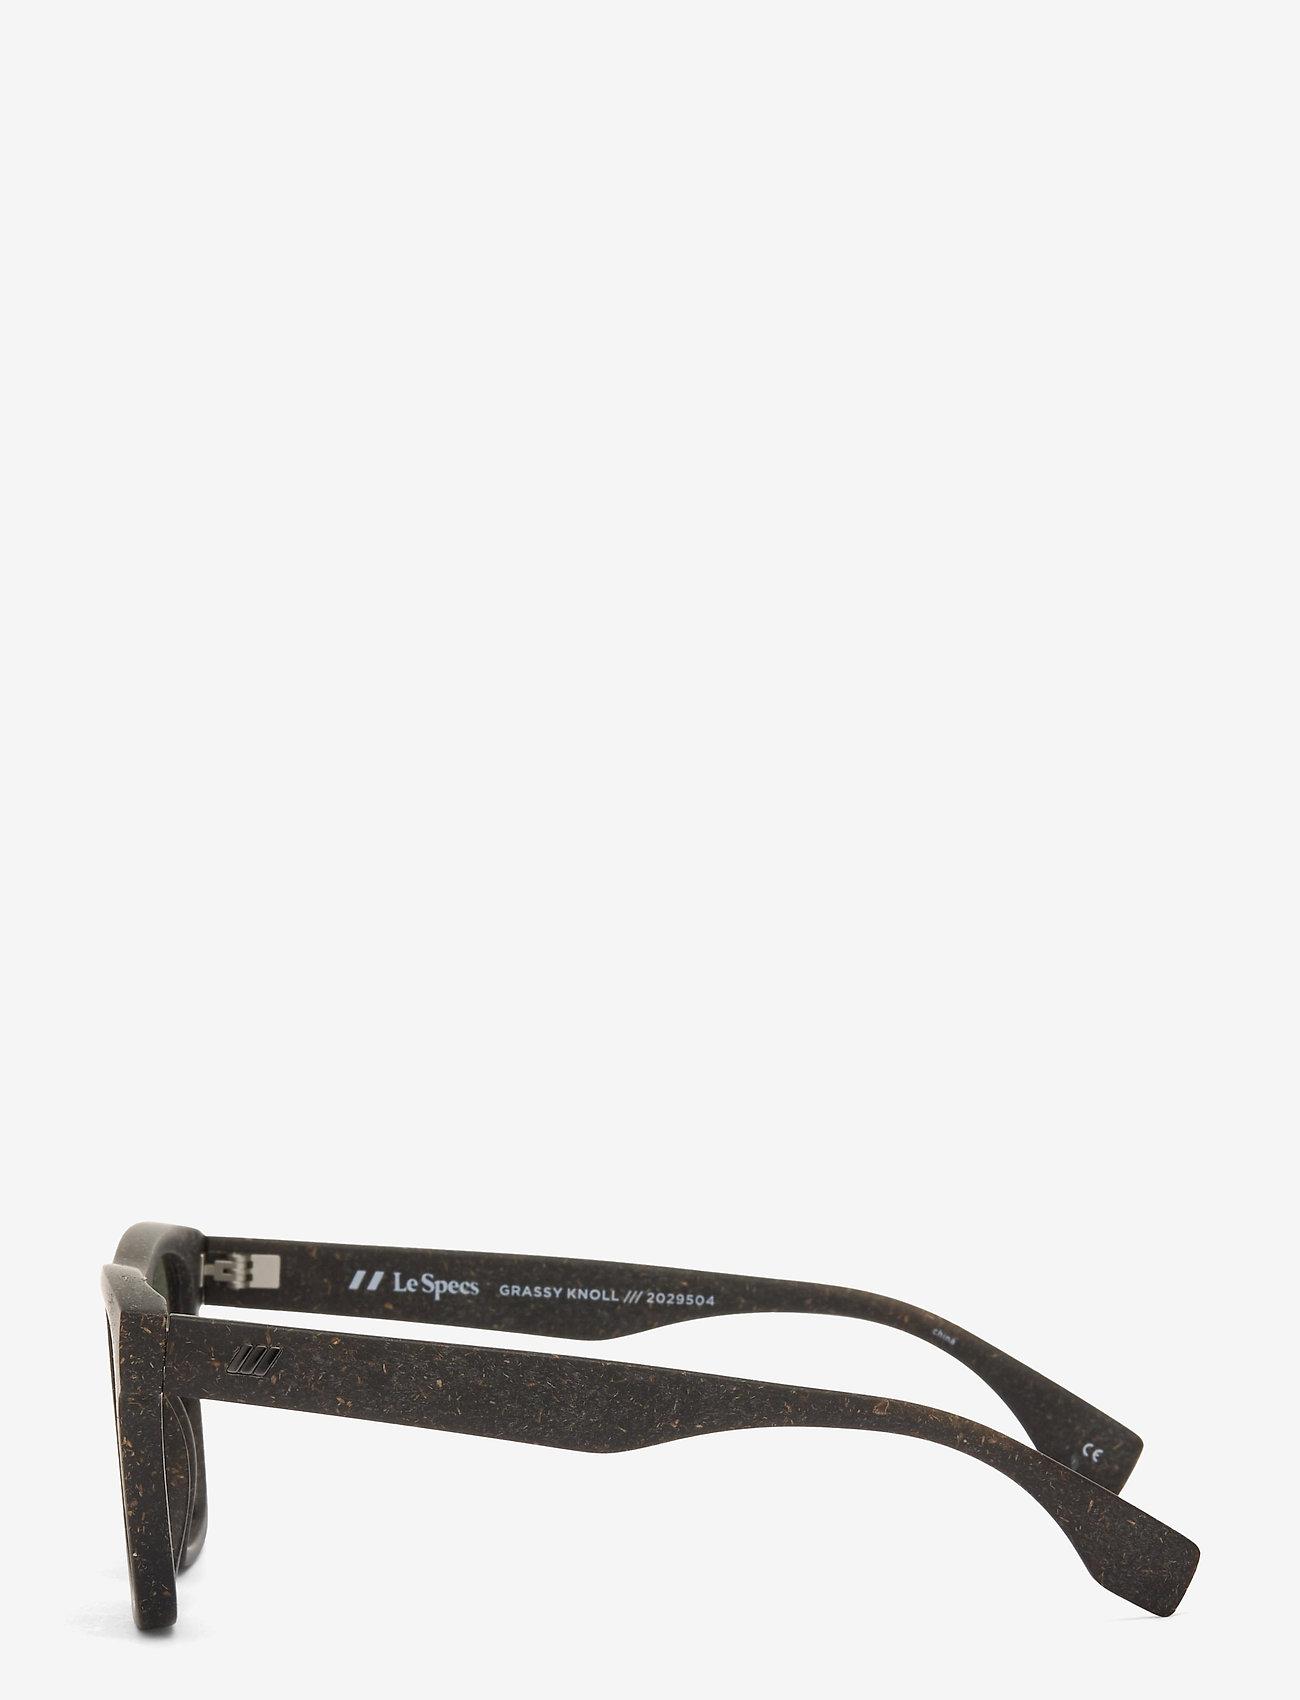 Le Specs - LE SUSTAIN - GRASSY KNOLL - d-vormige - midnight grass w/ khaki mono lens - 2